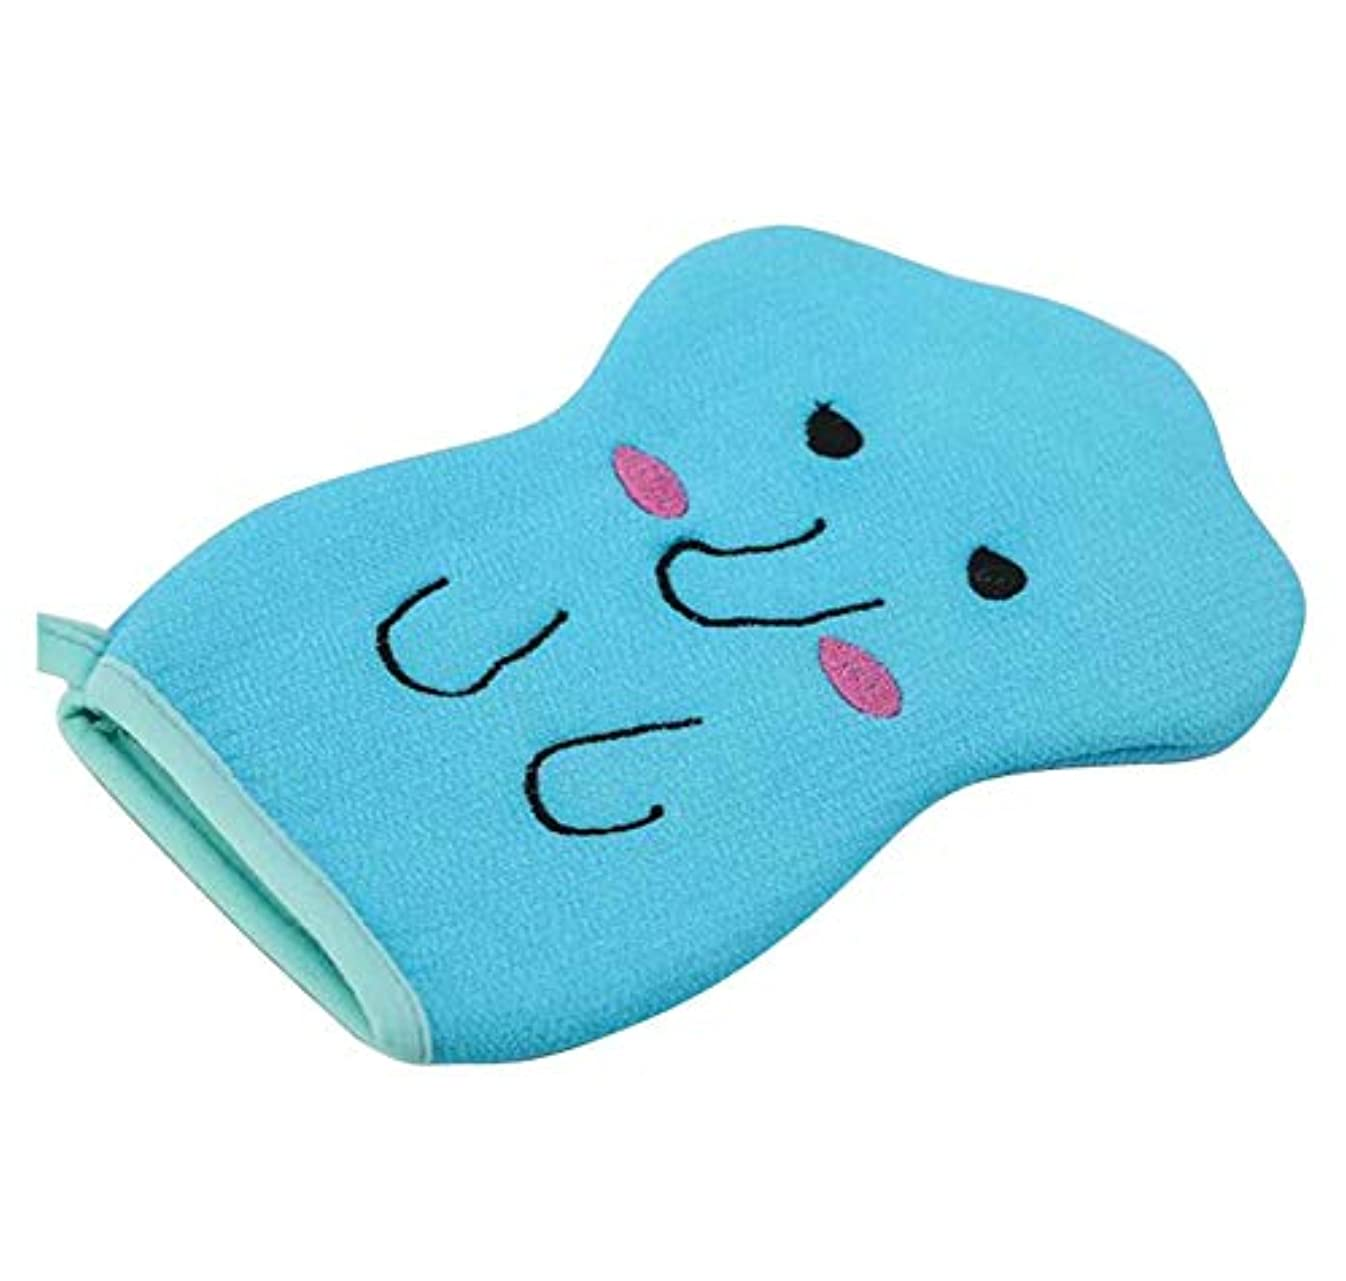 子供用バスタオル、赤ちゃんかわいい漫画の角質除去バス手袋、C02